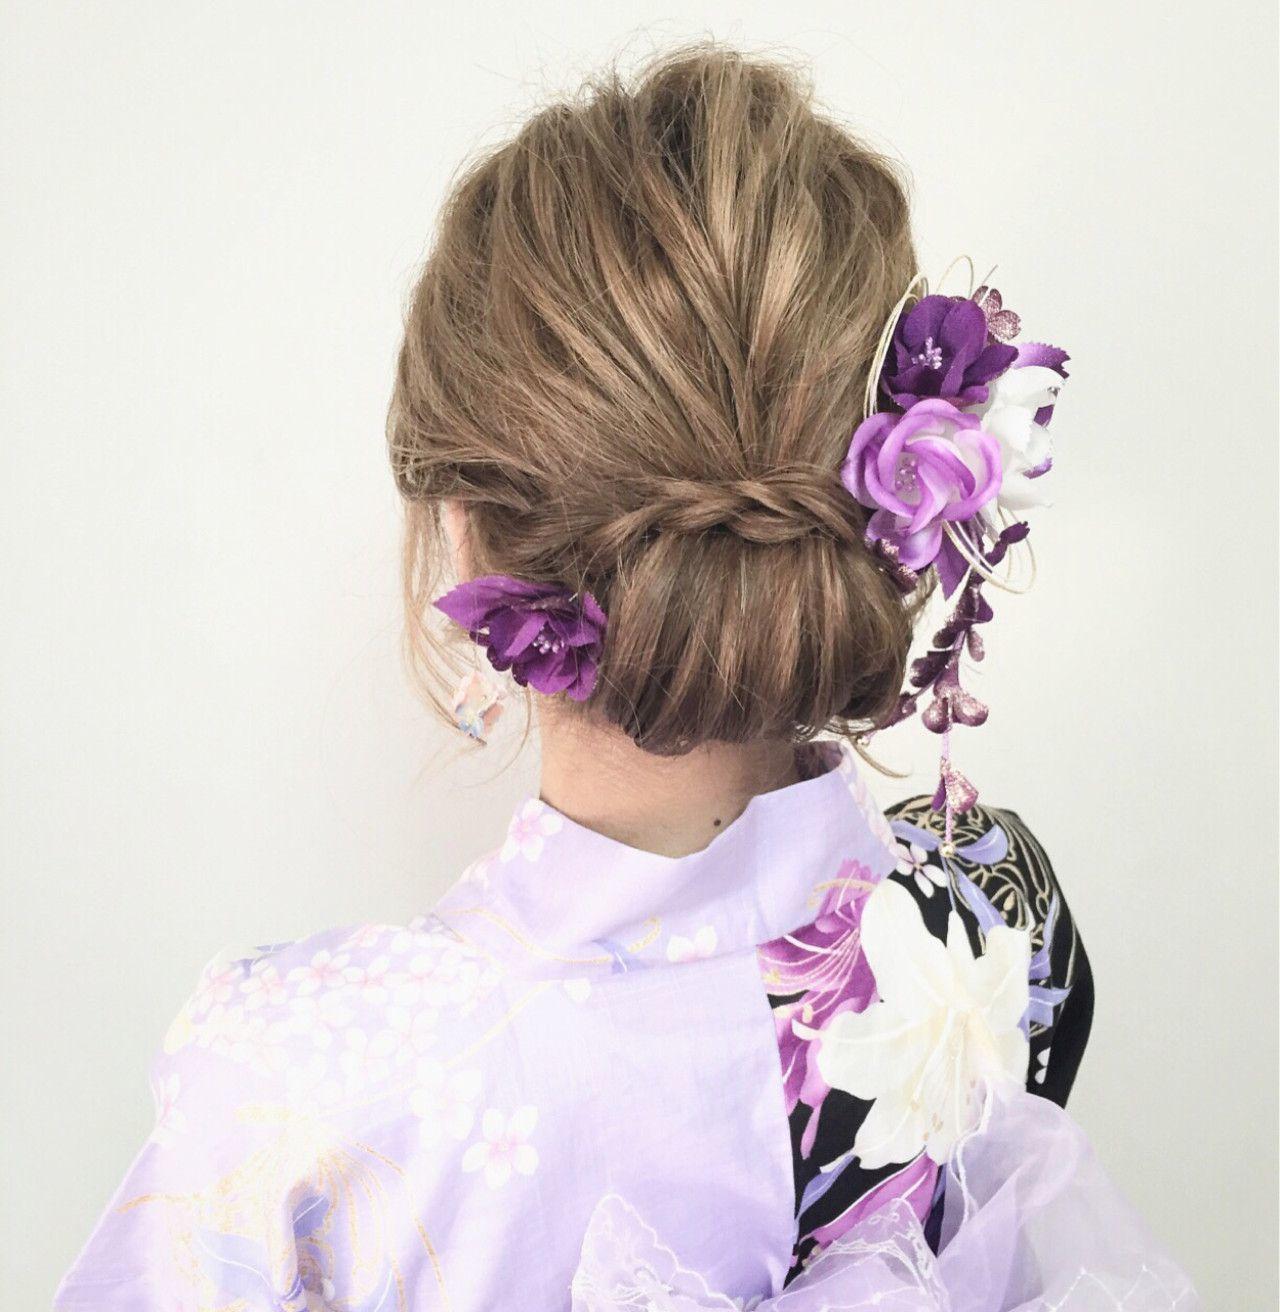 女の子 浴衣 髪型